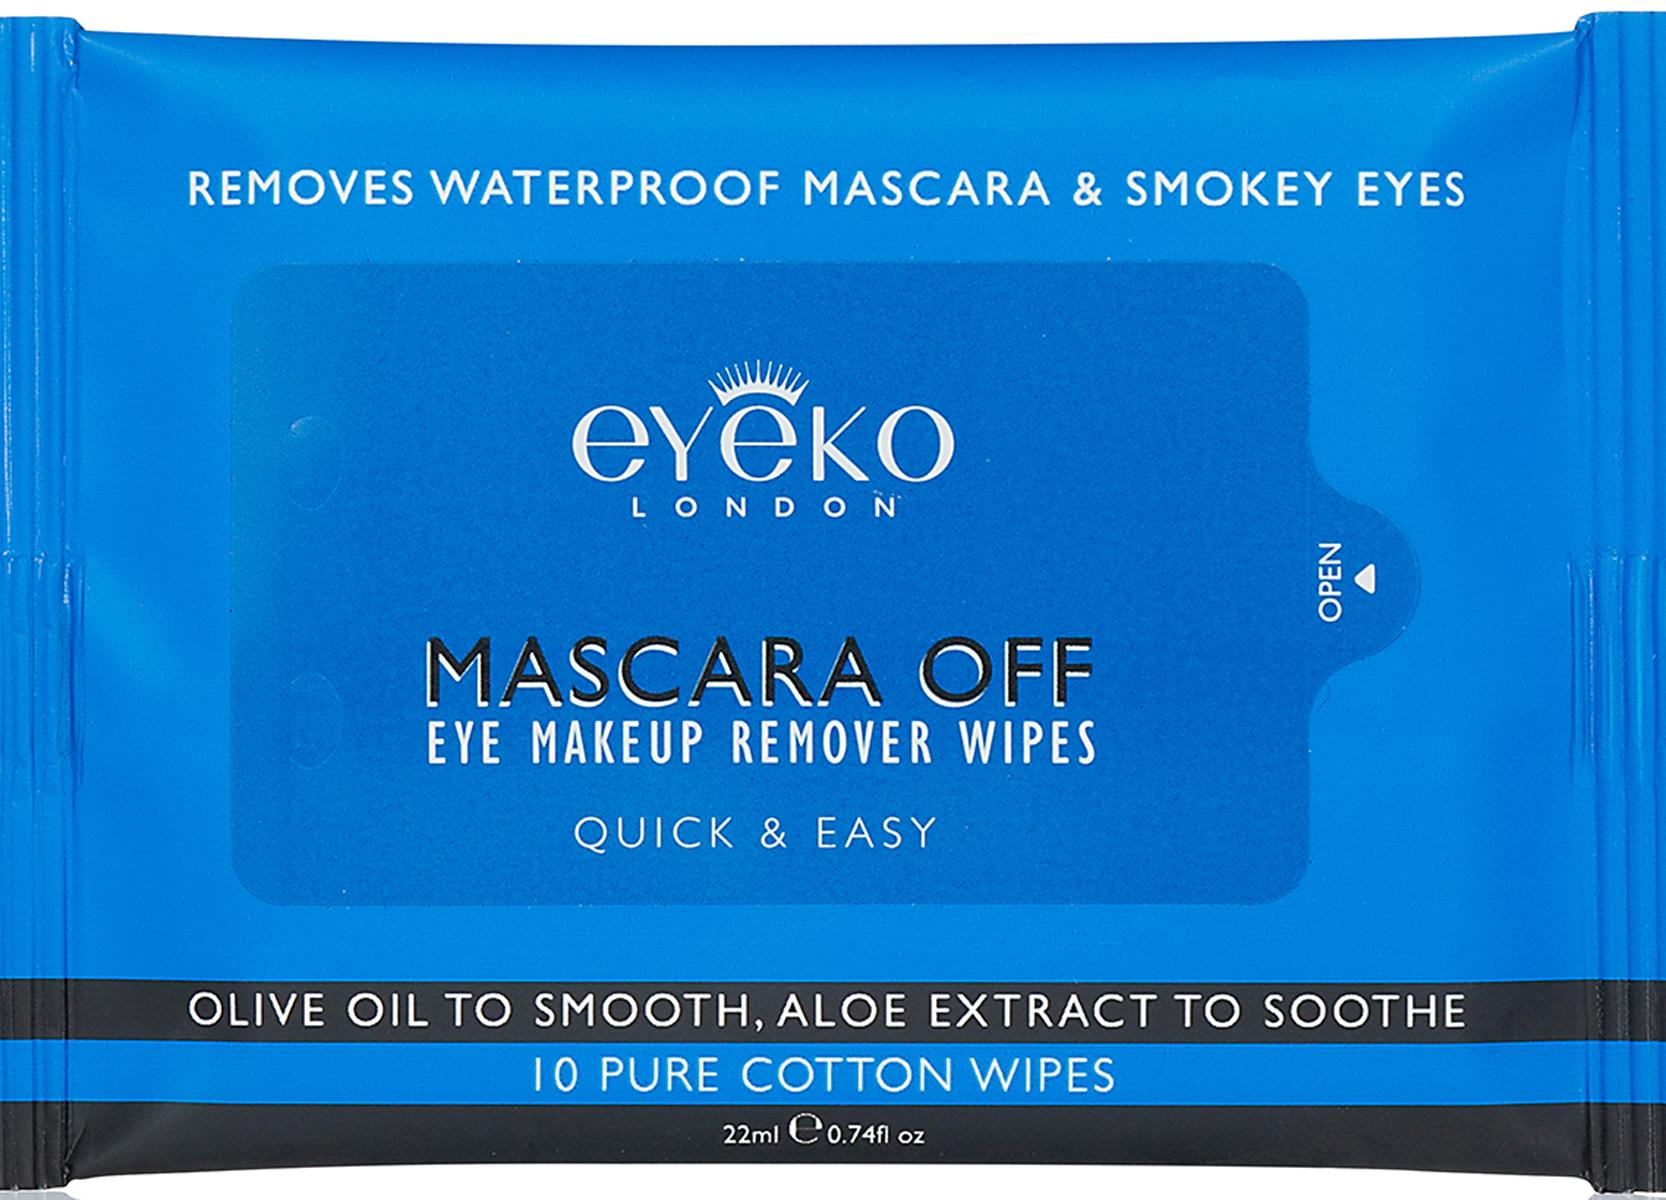 Eyeko Салфетки для снятия макияжа с глаз (1 упаковка - 10 штук)72523WDСалфетки из 100% хлопка полностью снимают водостойкий макияж и даже самые густые «смоки», действуя мягко, быстро и эффективно. В состав входит растительный комплекс с оливковым маслом и экстрактом алоэ для ухода за нежной кожей вокруг глаз. Идеальны для путешествий и для того, чтобы просто бросить в сумочку и снимать макияж на ходу, смягчая и освежая кожу.